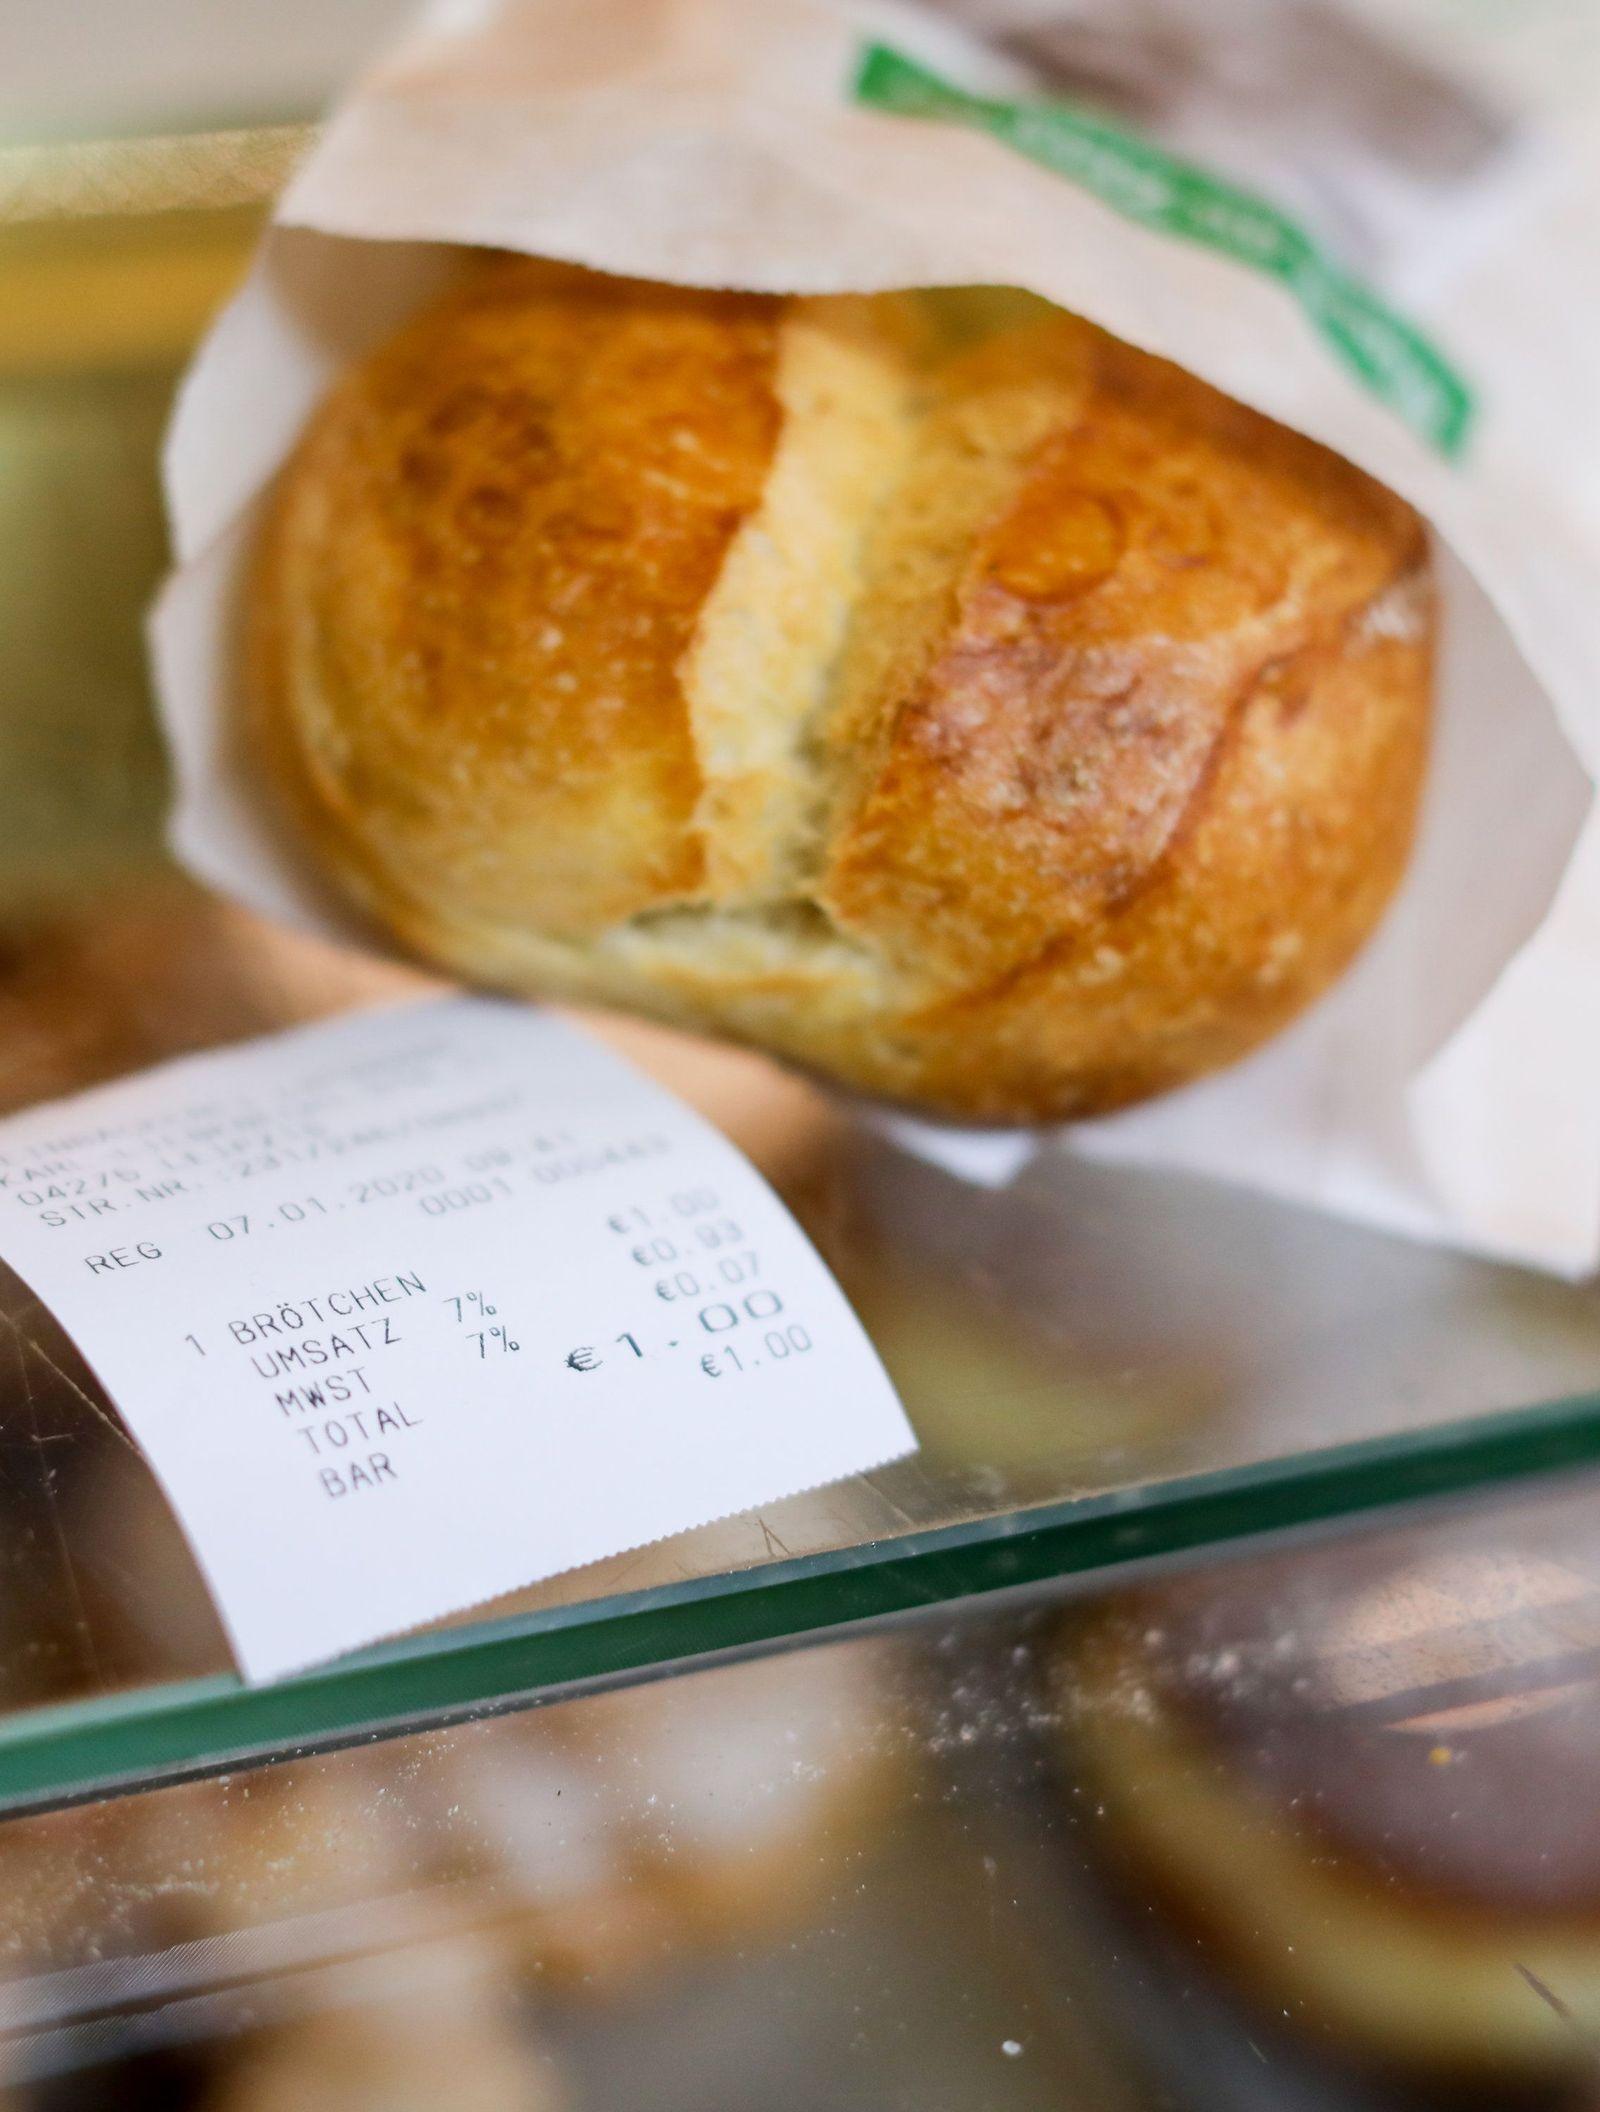 Bonpflicht bei Bäckereien